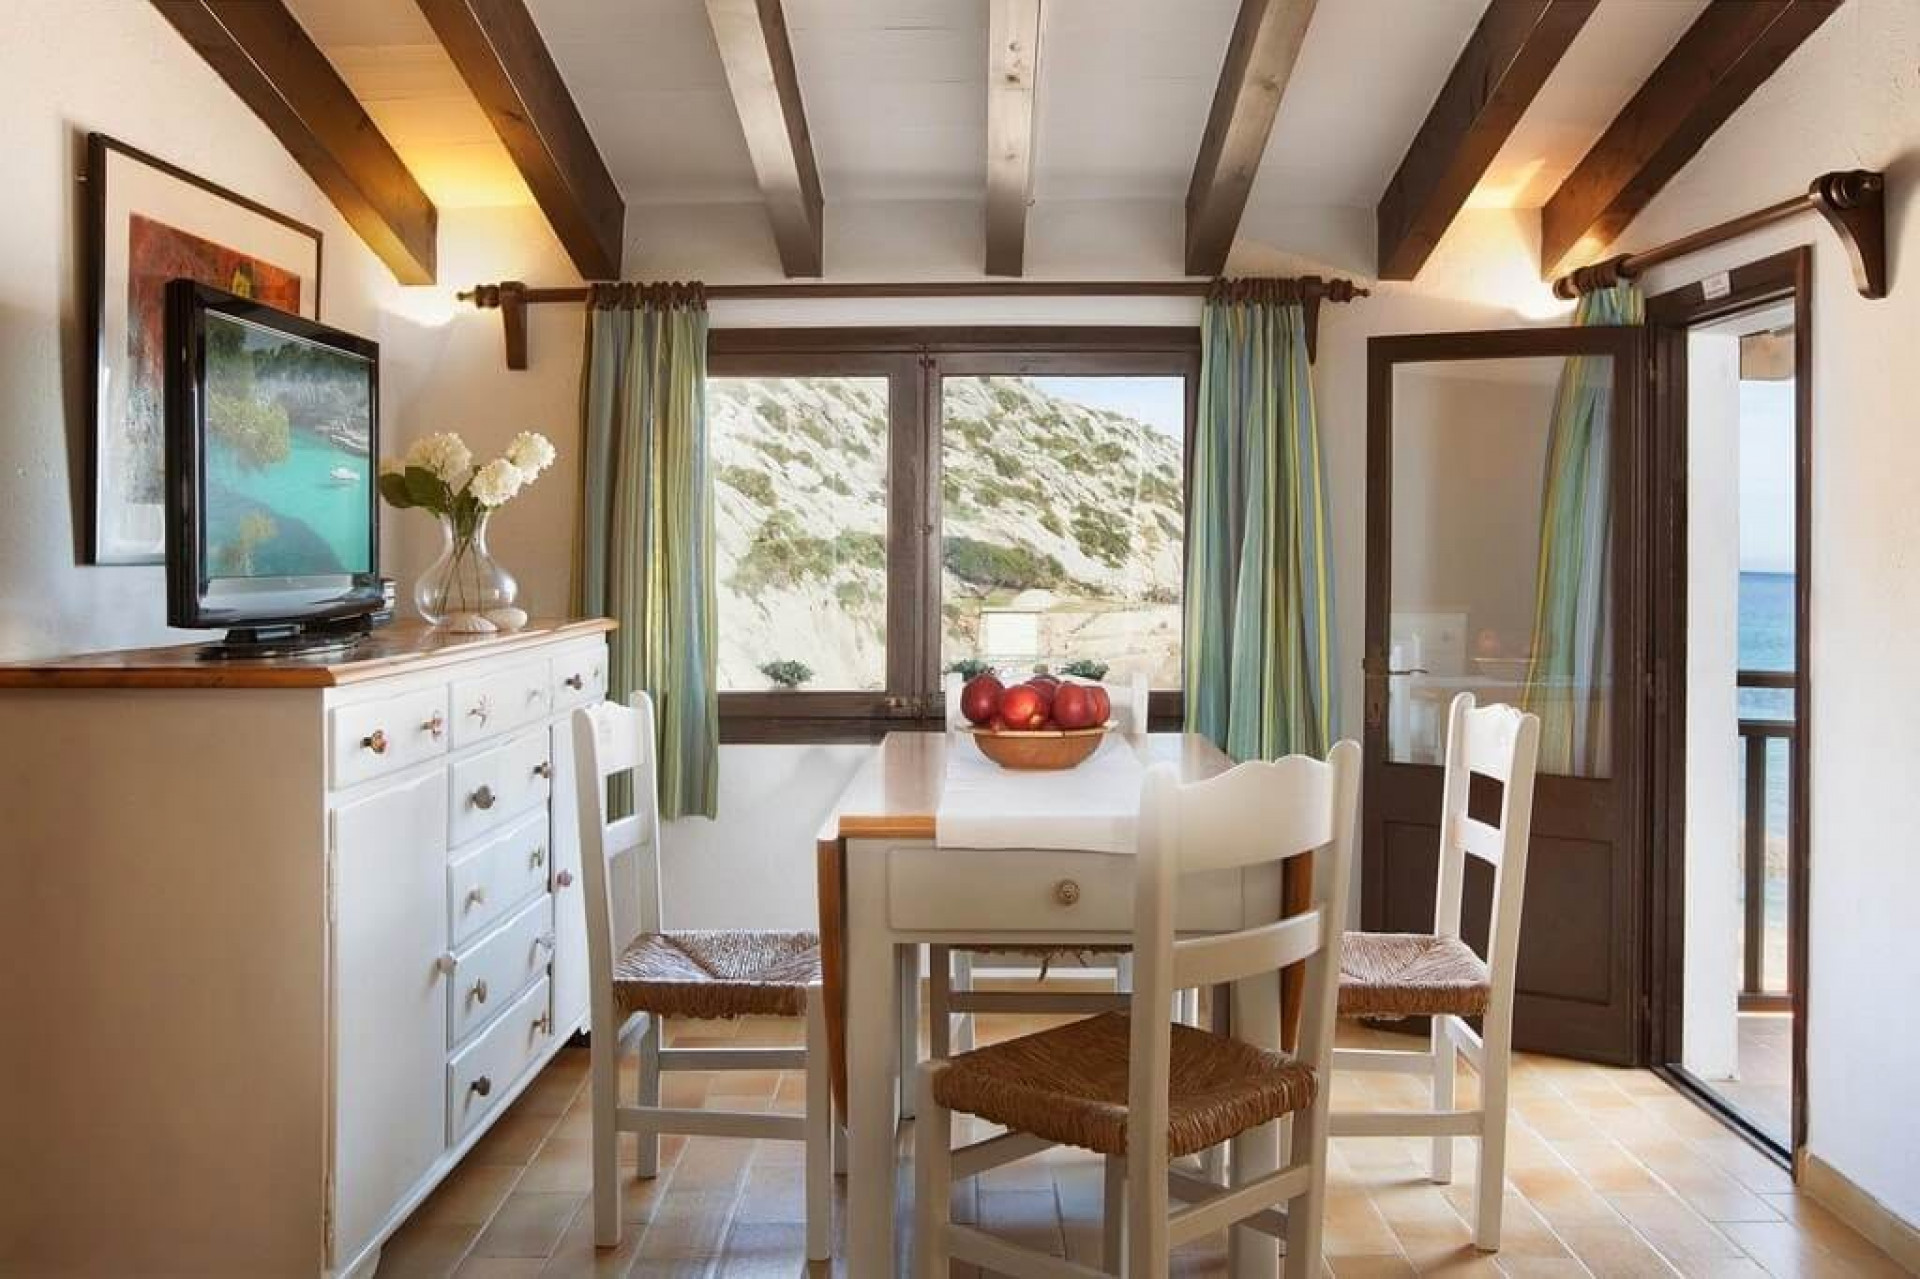 2 Bedroom Villa Cala San Vicente Sea Views & Walking Distance to Beach